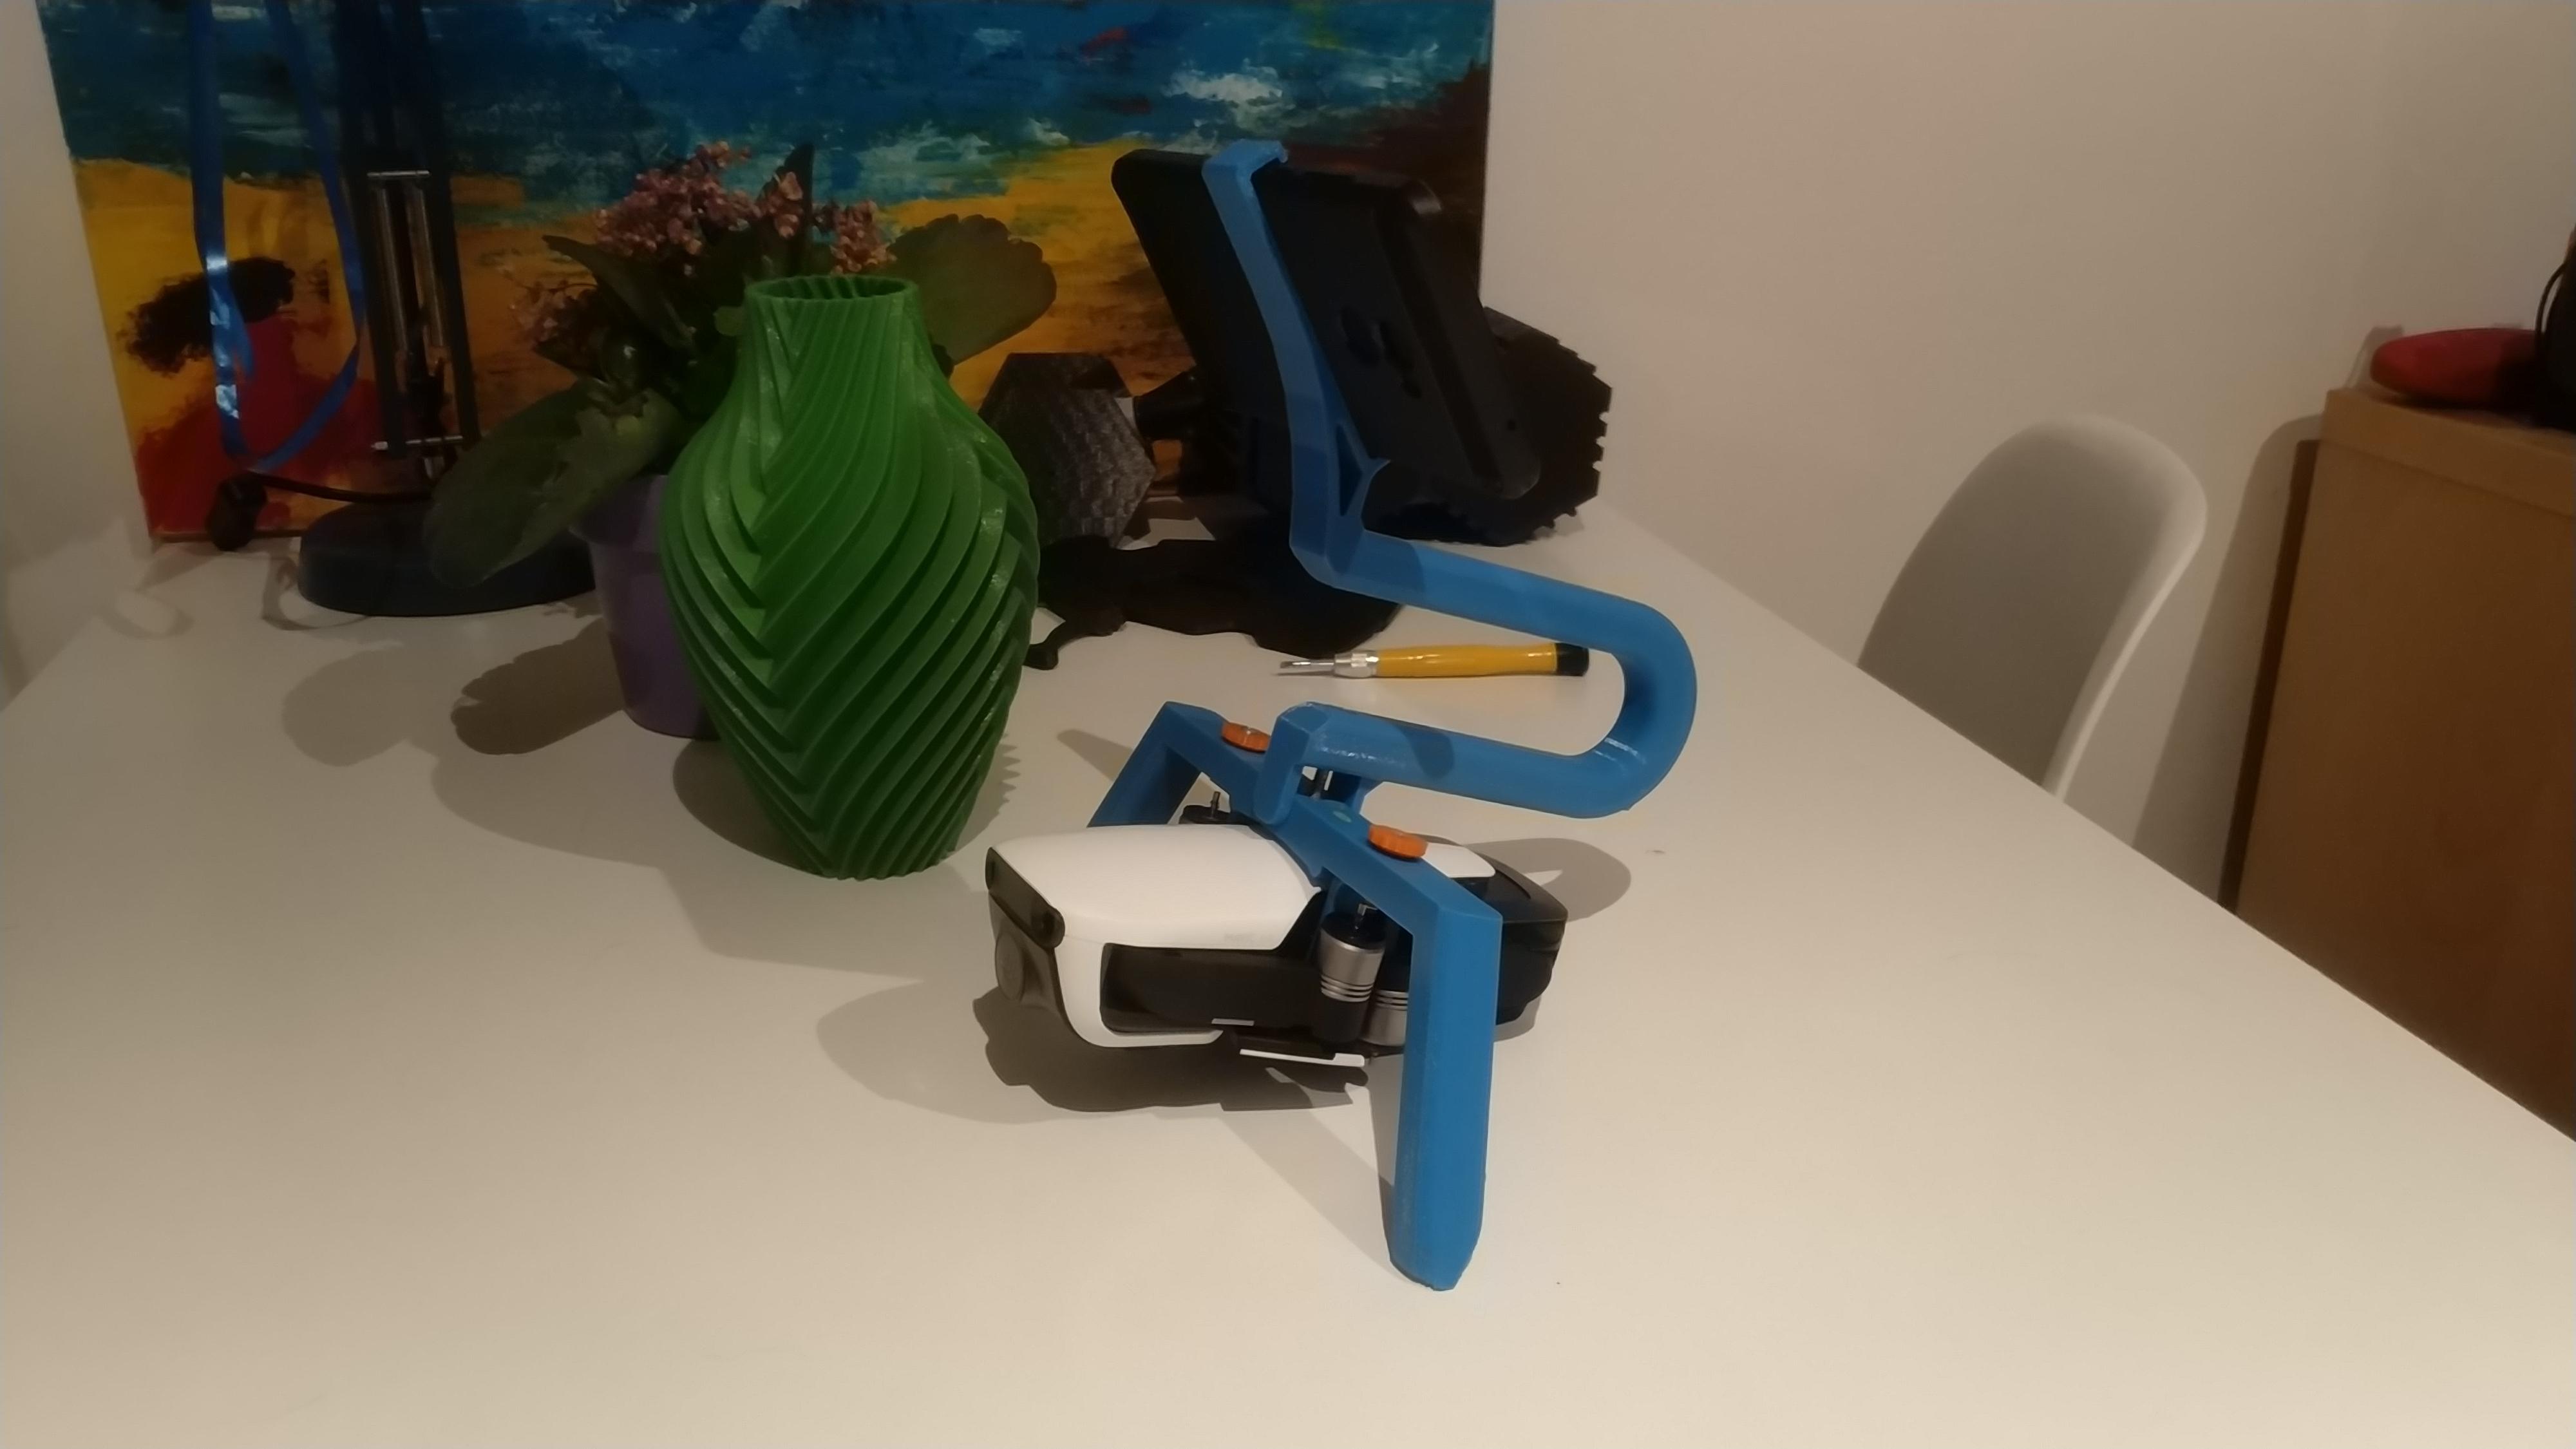 Dji Mavic Air hand grip (Katana like) #3DThursday